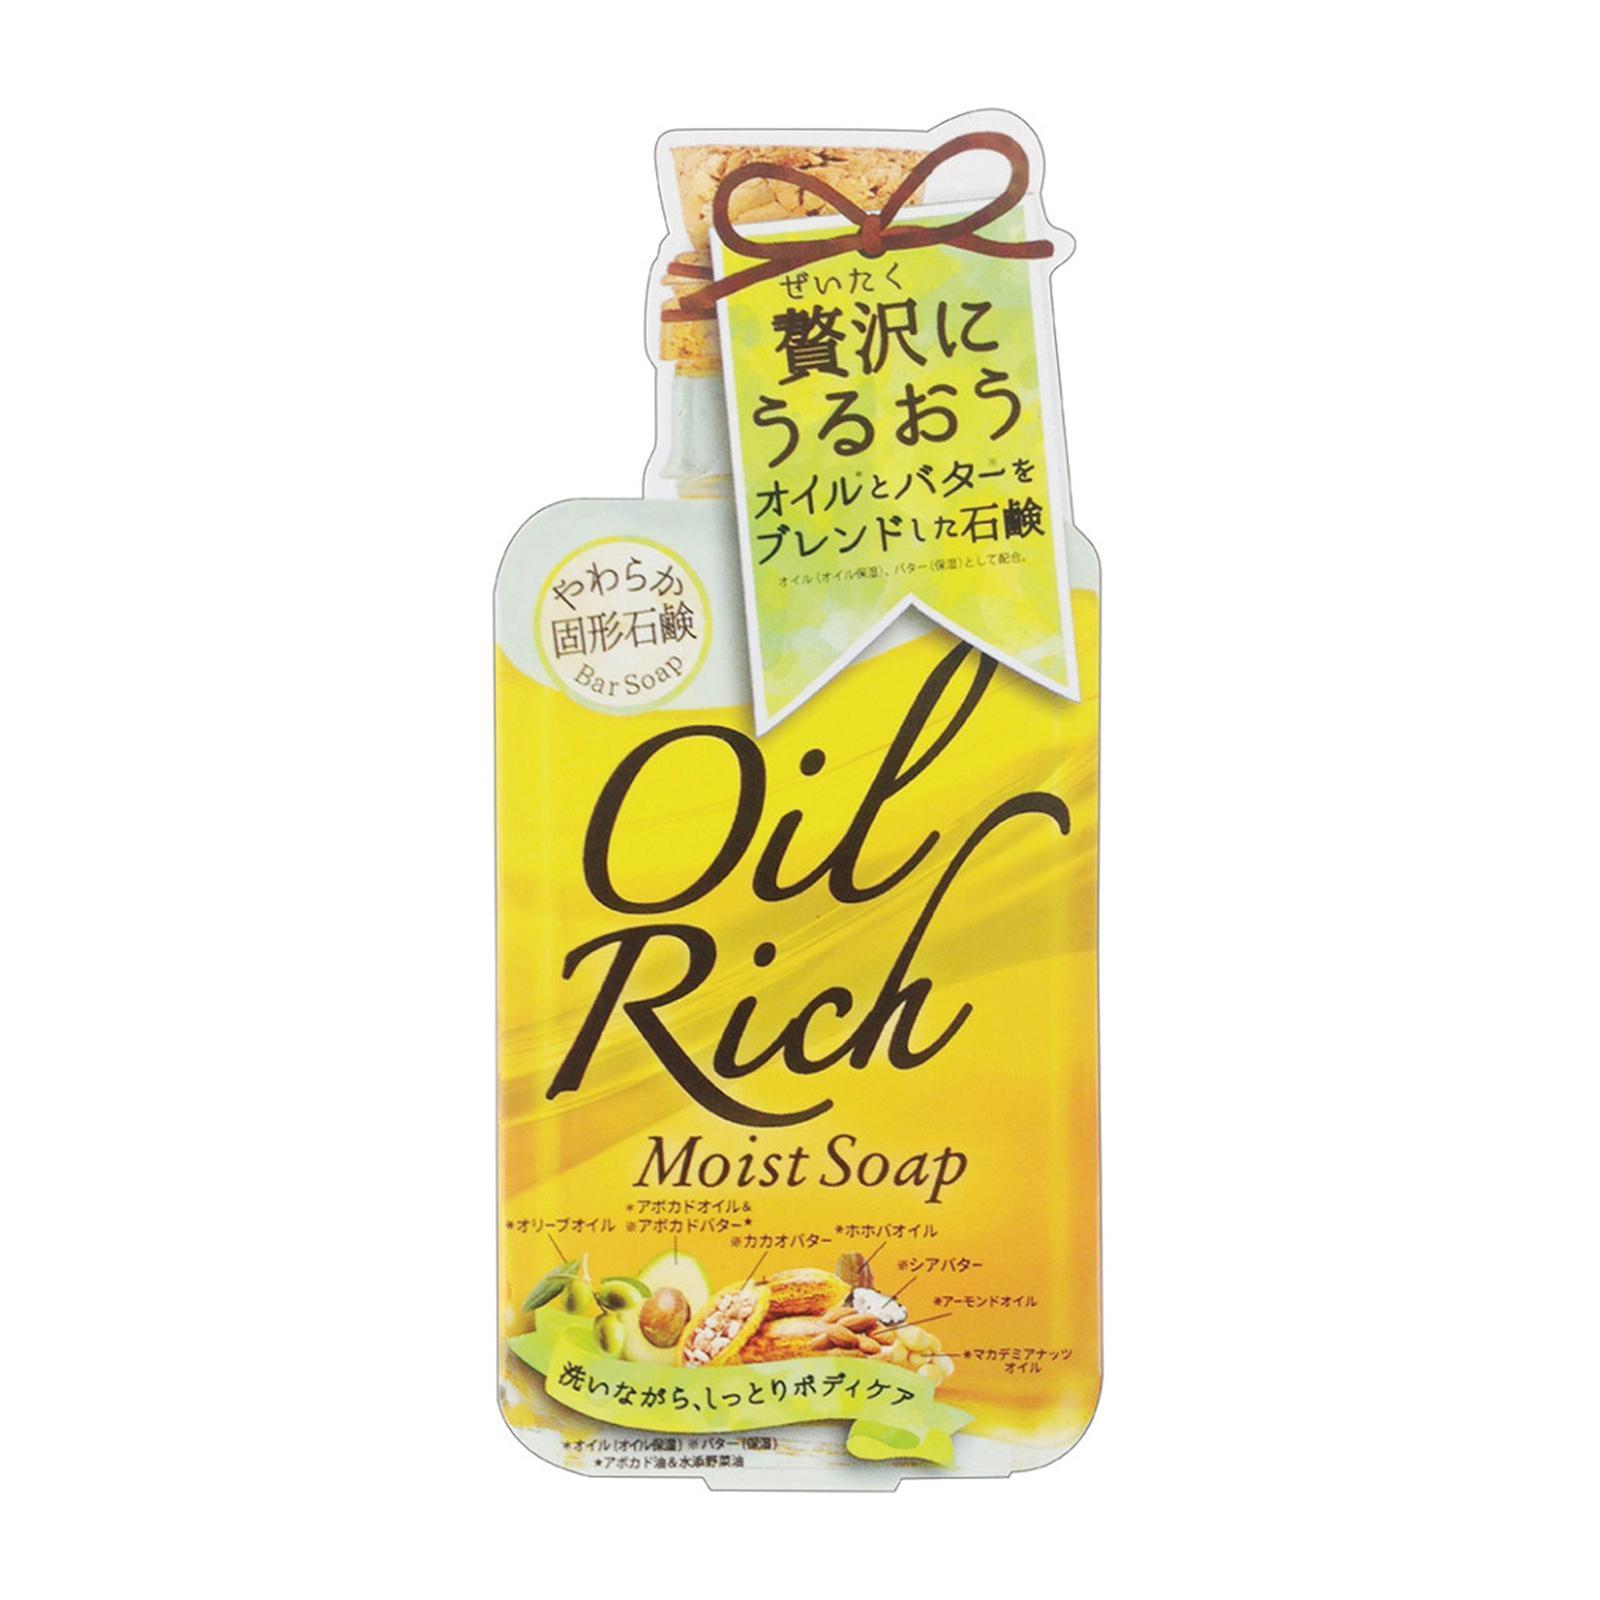 Pelican Oil Rich Moist Soap